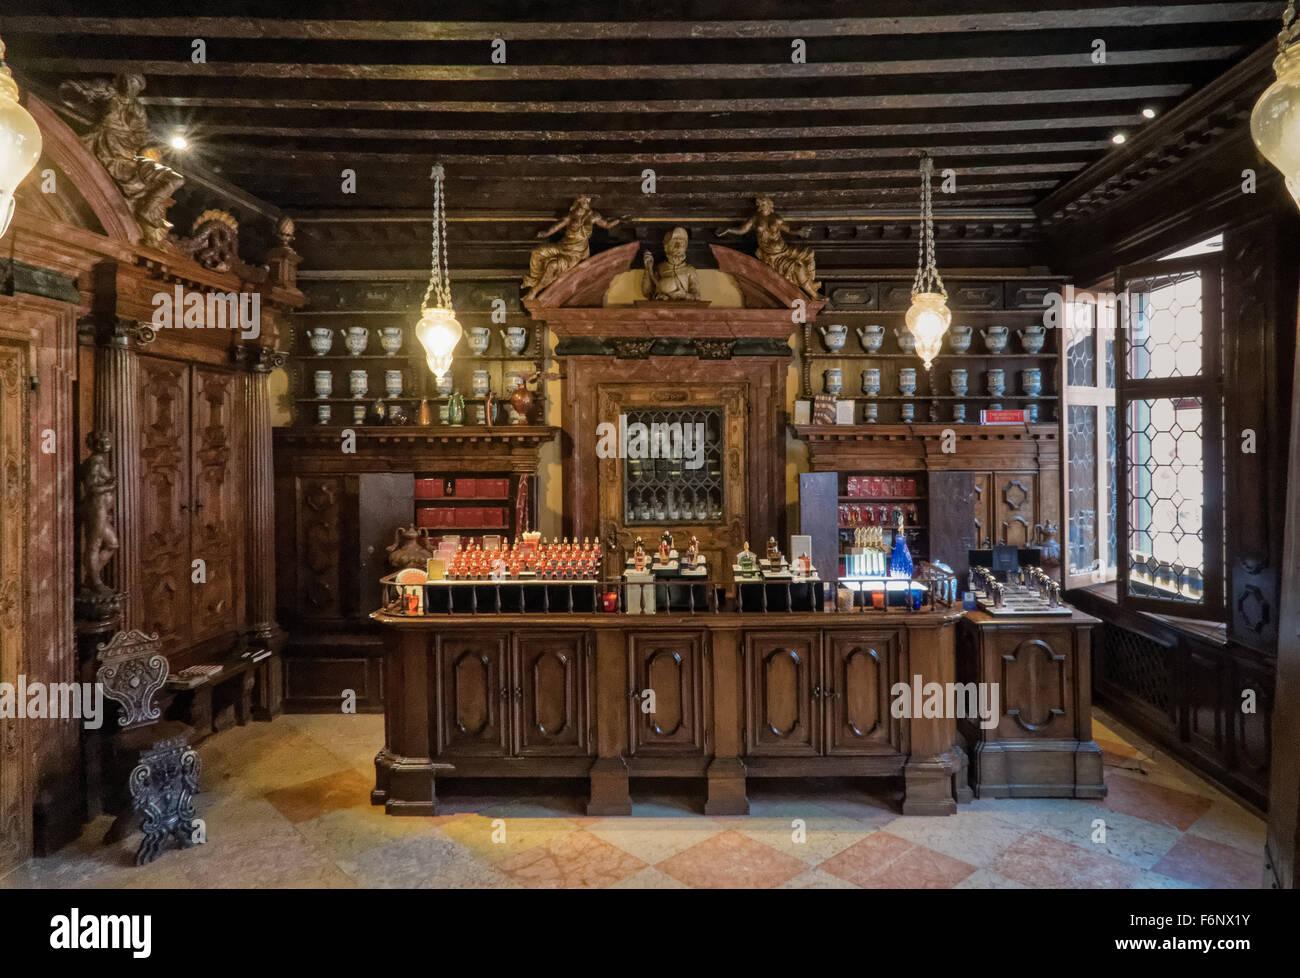 Más antigua farmacia en Venecia en la Strada Nuova. El Boticario está decorada con mayólicas, floreros y muebles Foto de stock